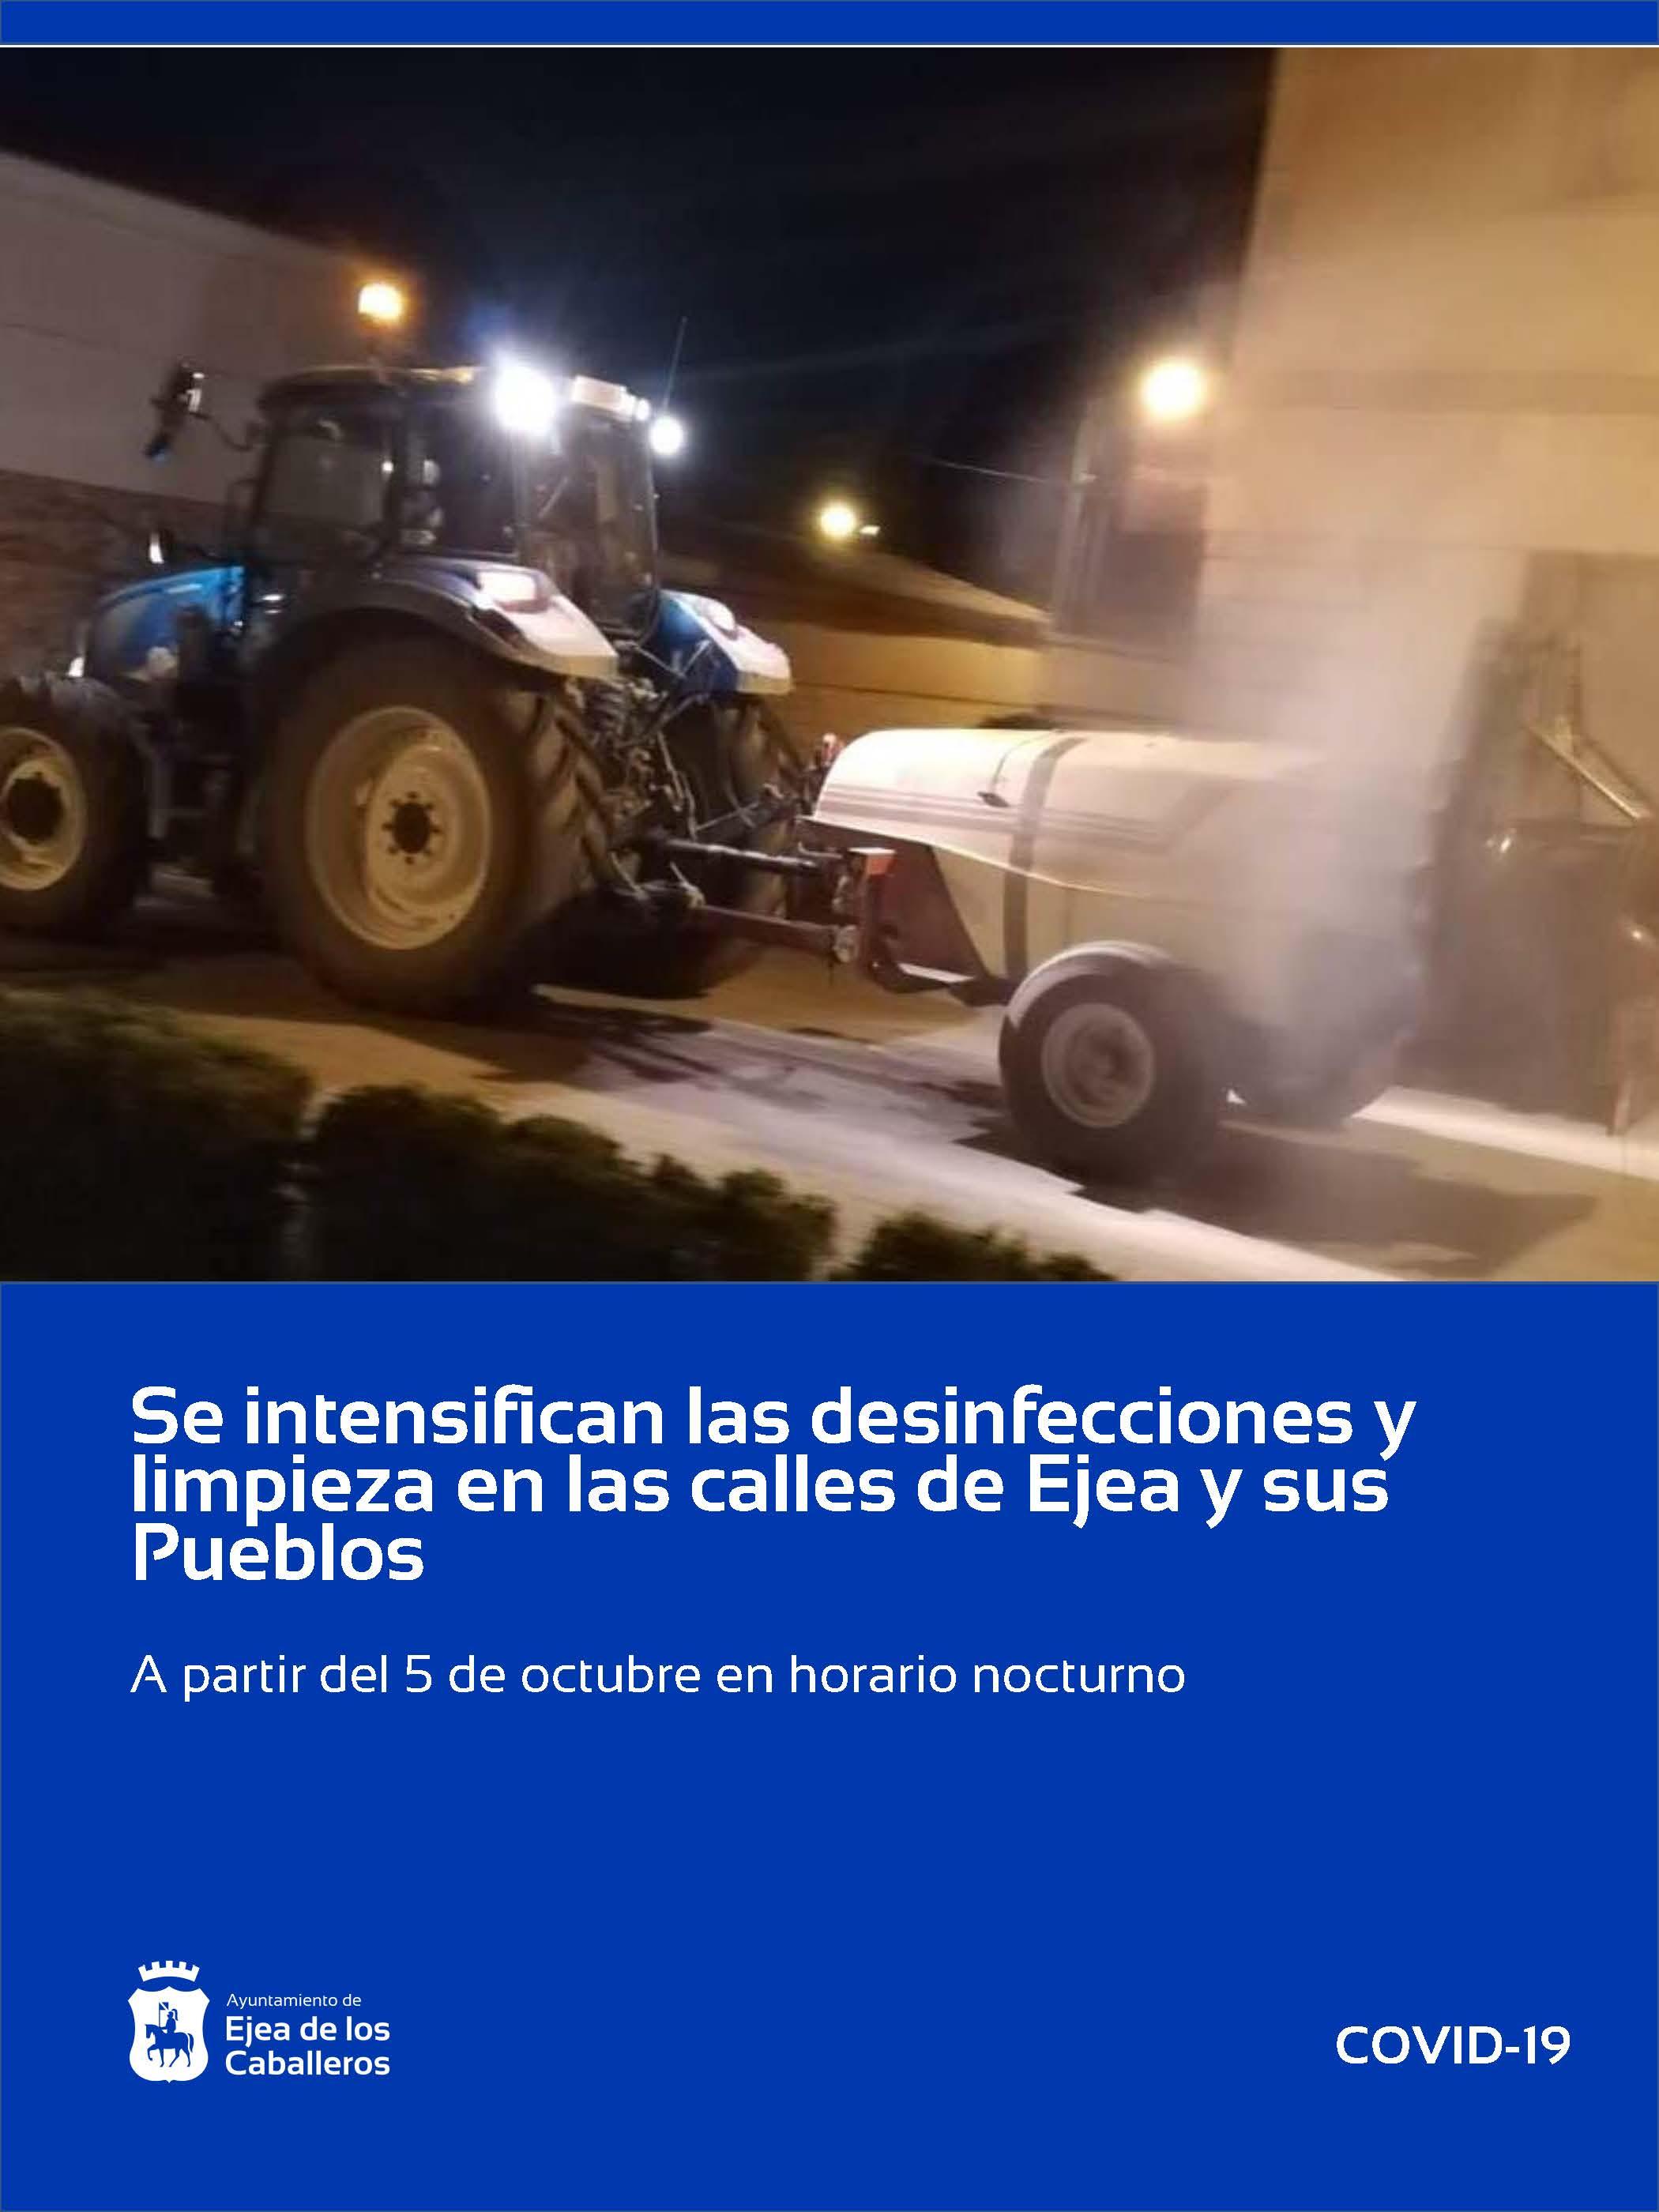 Se intensifican las labores de desinfección y de limpieza en las calles de Ejea de los Caballeros y sus Pueblos